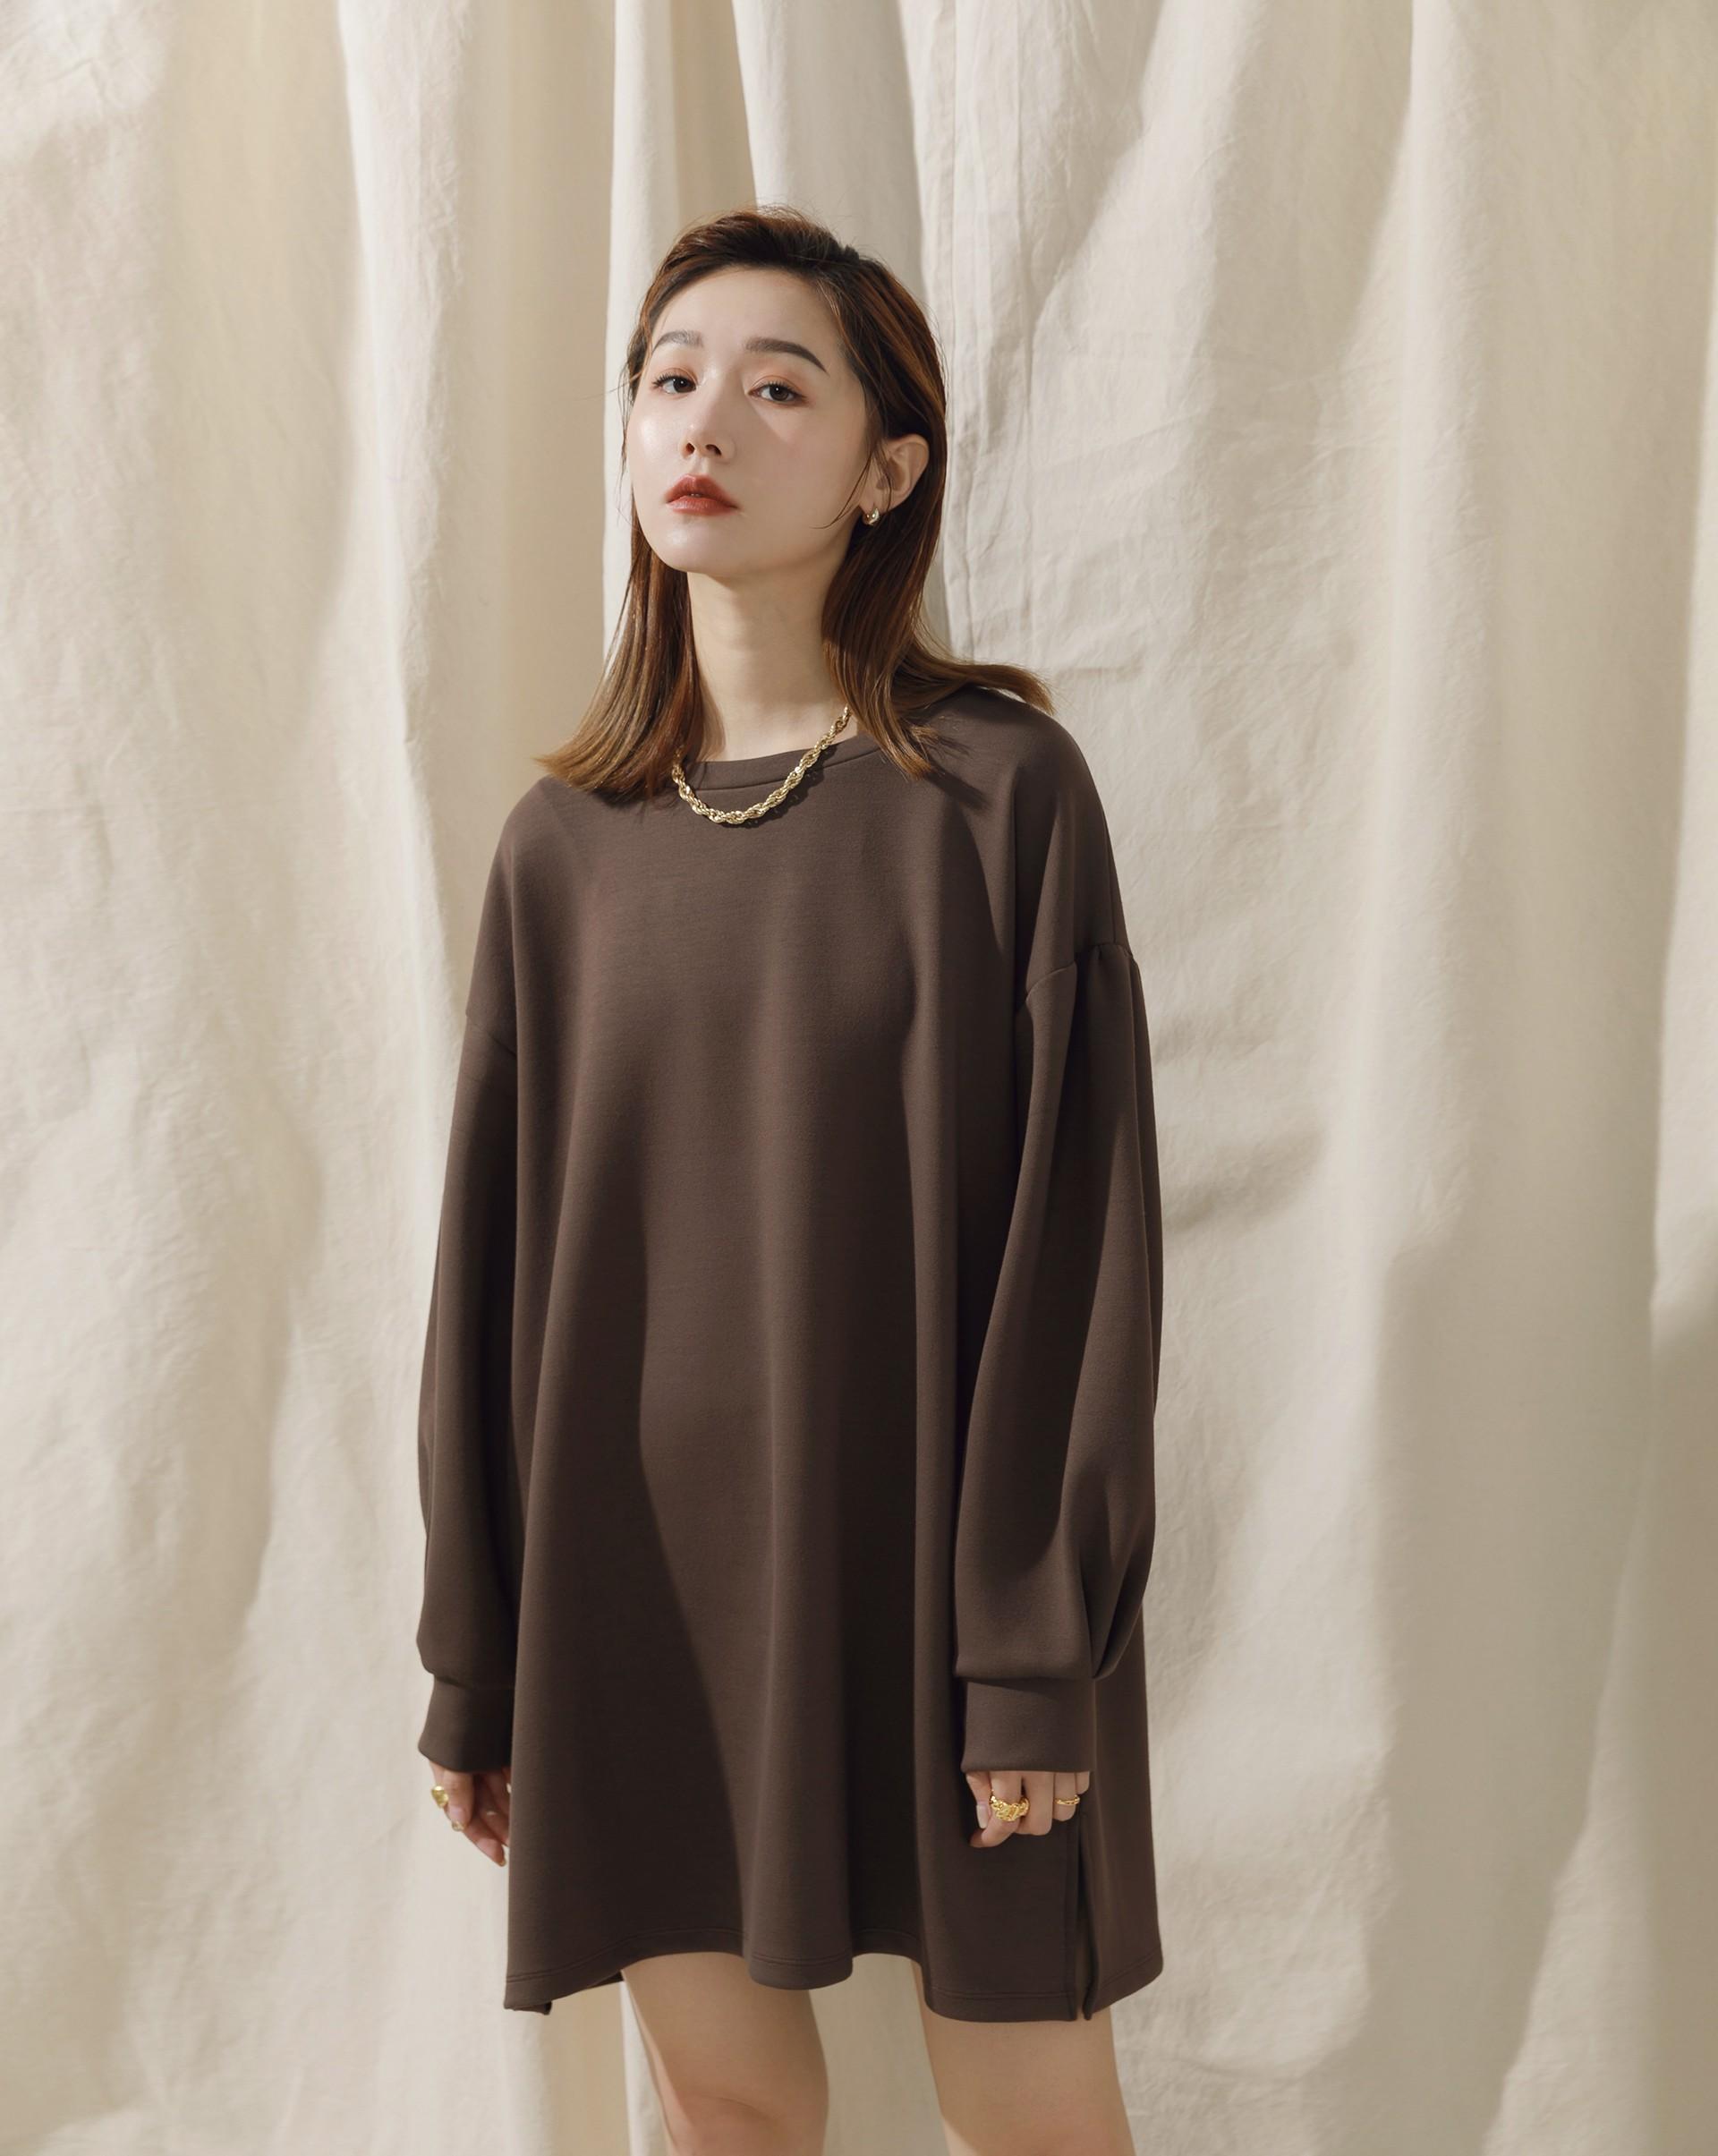 袖子特殊打褶設計/布料親膚版型寬鬆舒適